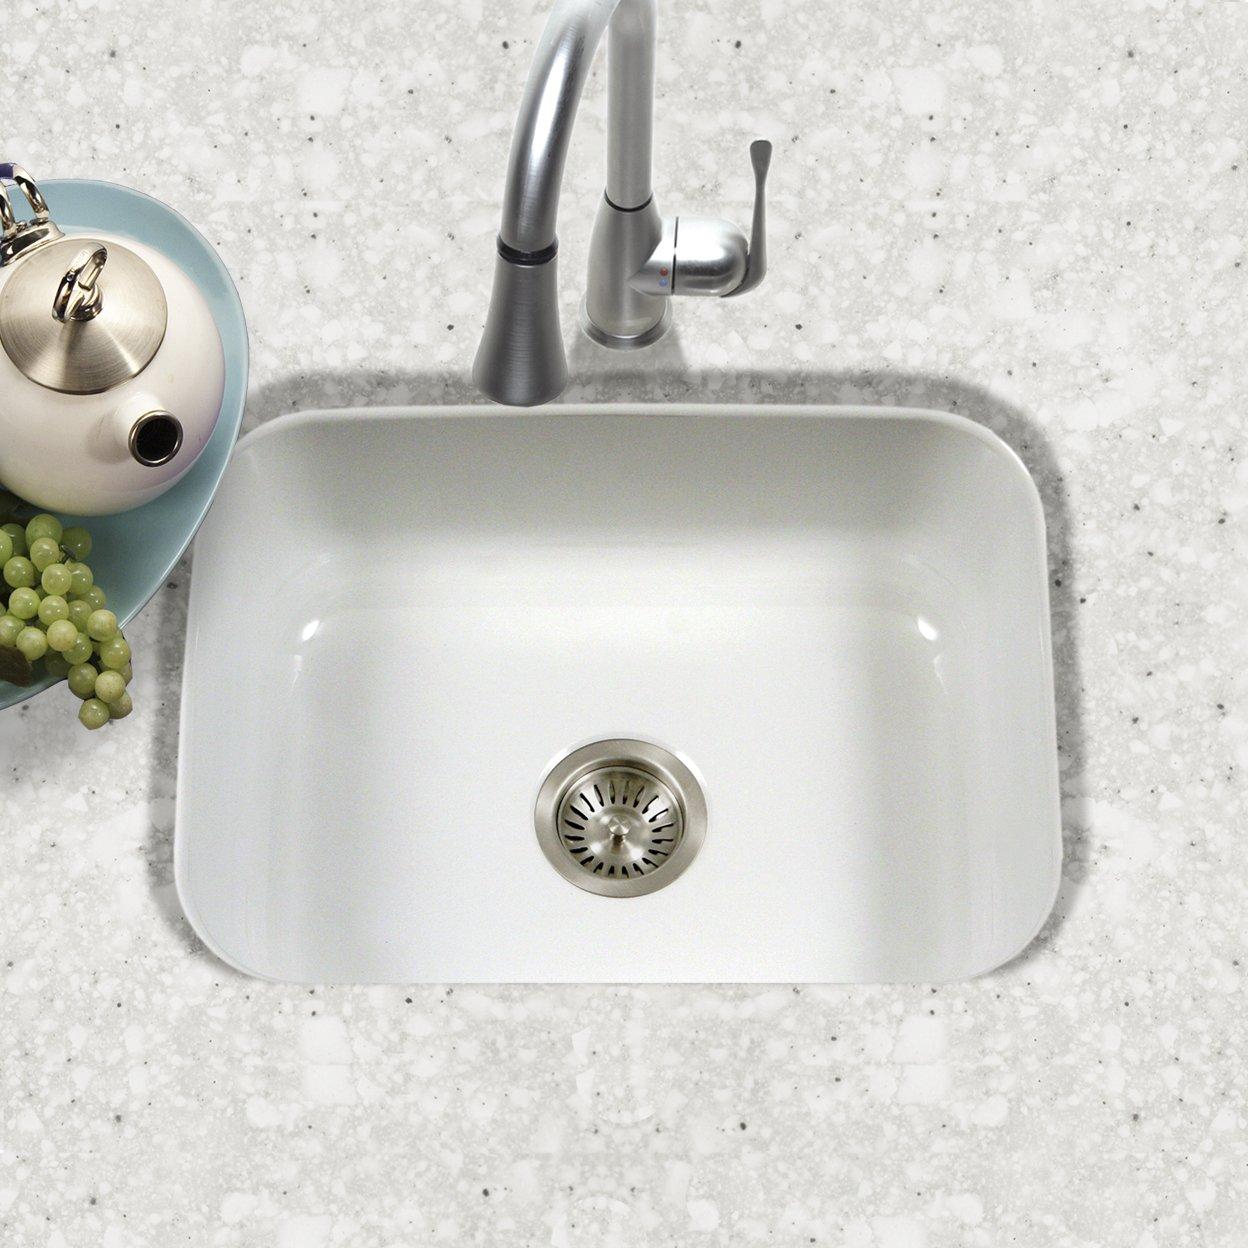 Houzer PCS-2500 WH Porcela Series Porcelain Enamel Steel Undermount ...